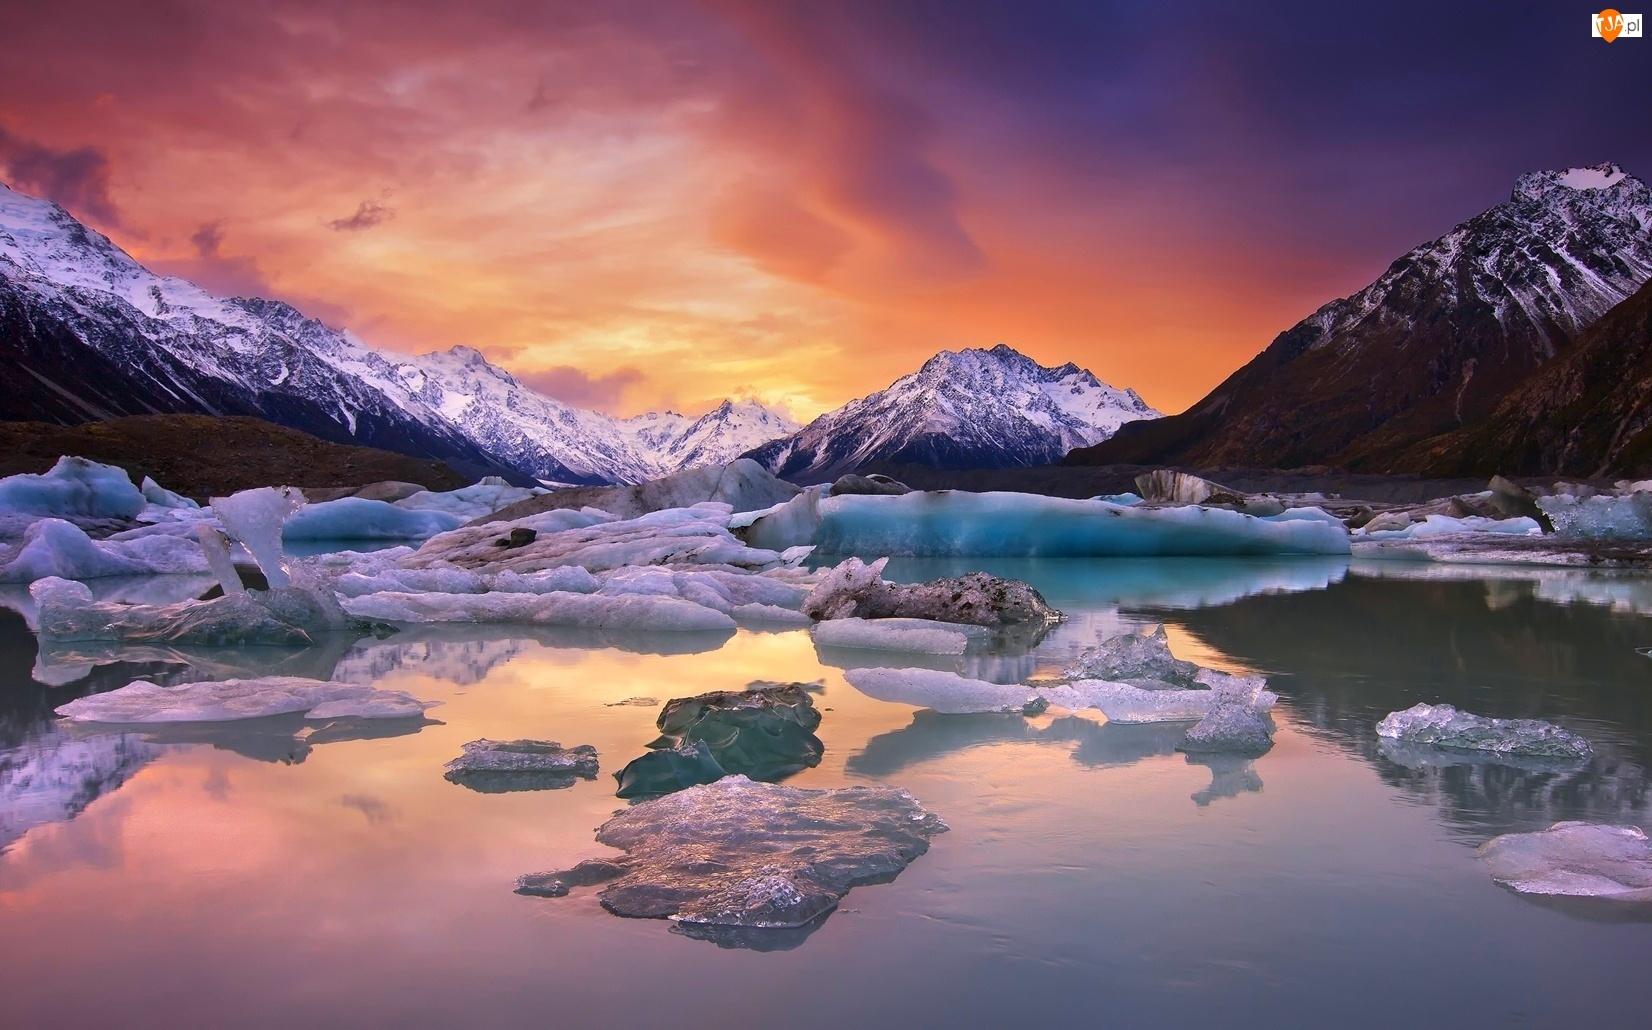 Jezioro, Lodowe, Góry, Kry